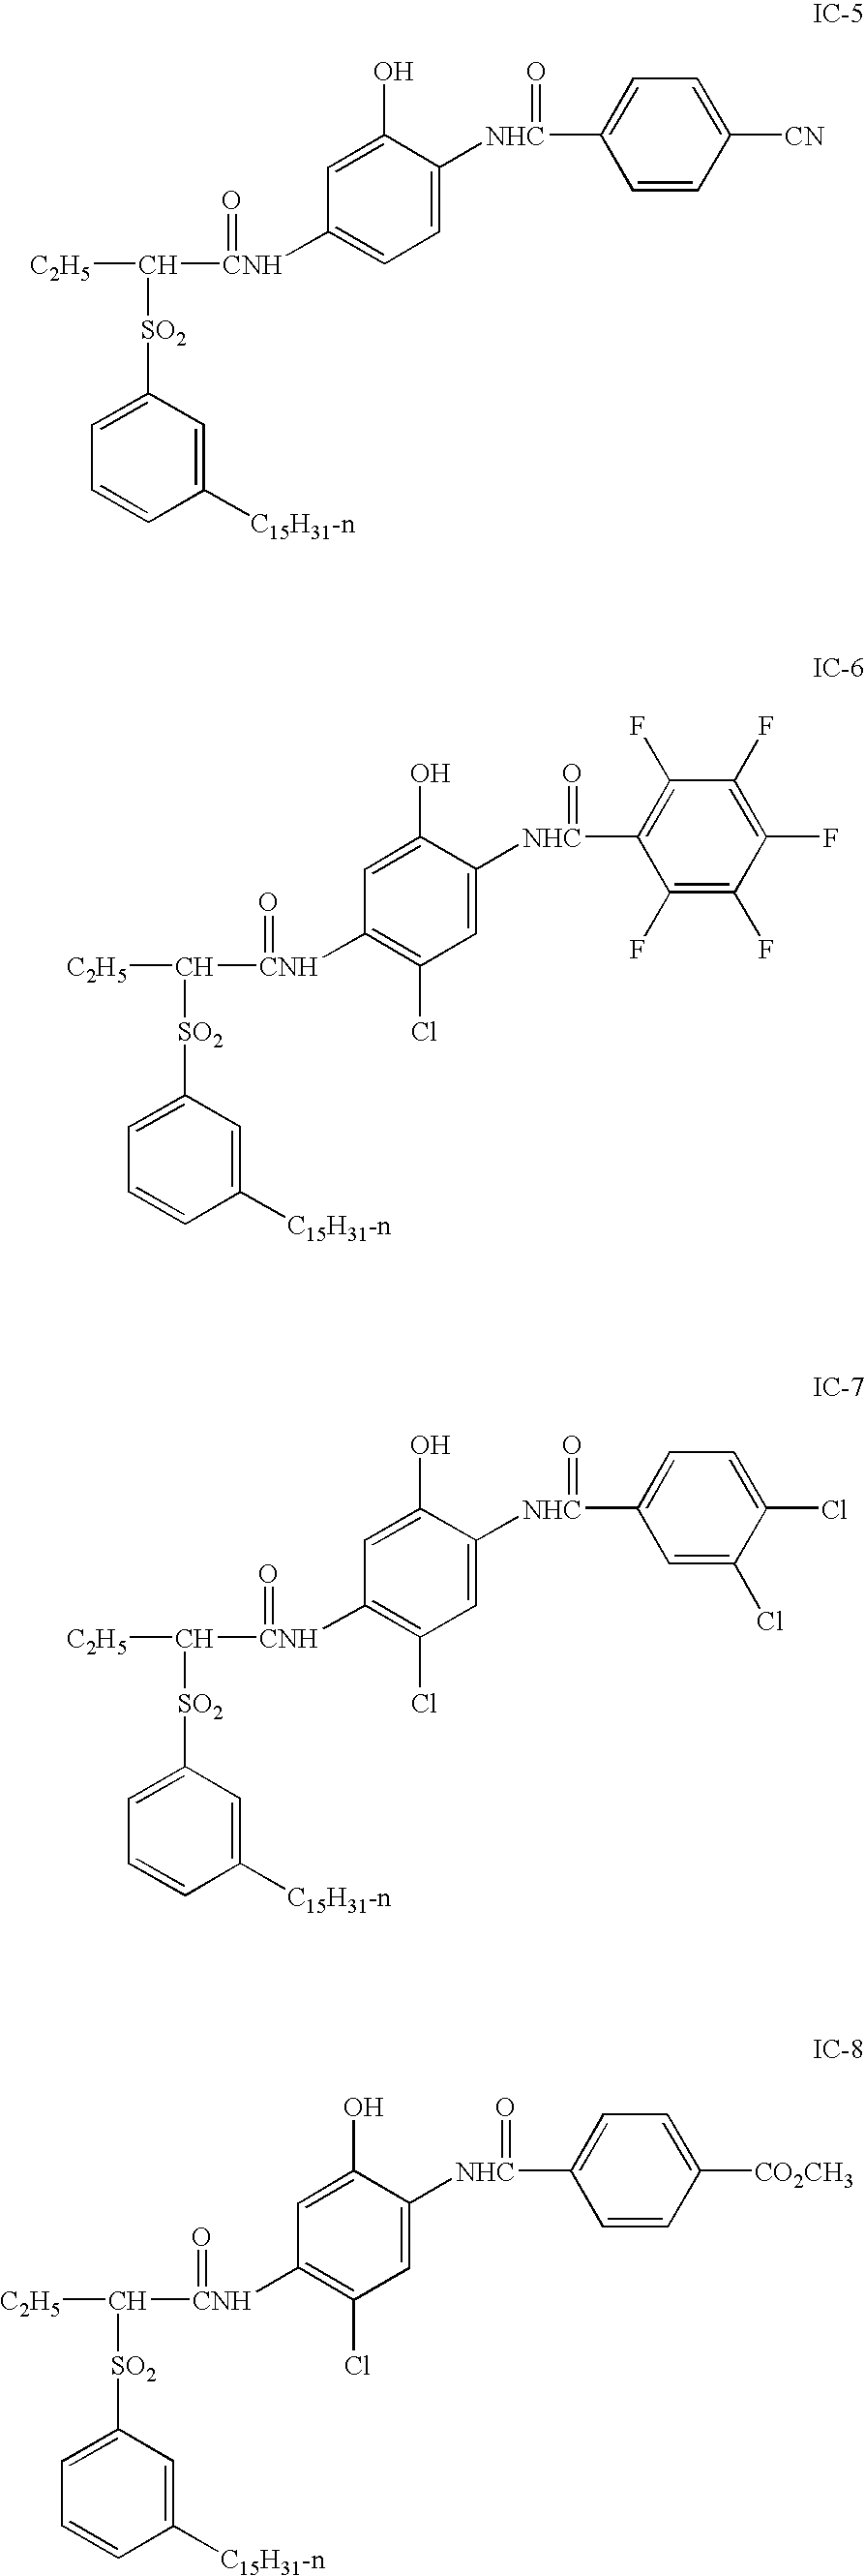 Figure US07153620-20061226-C00007